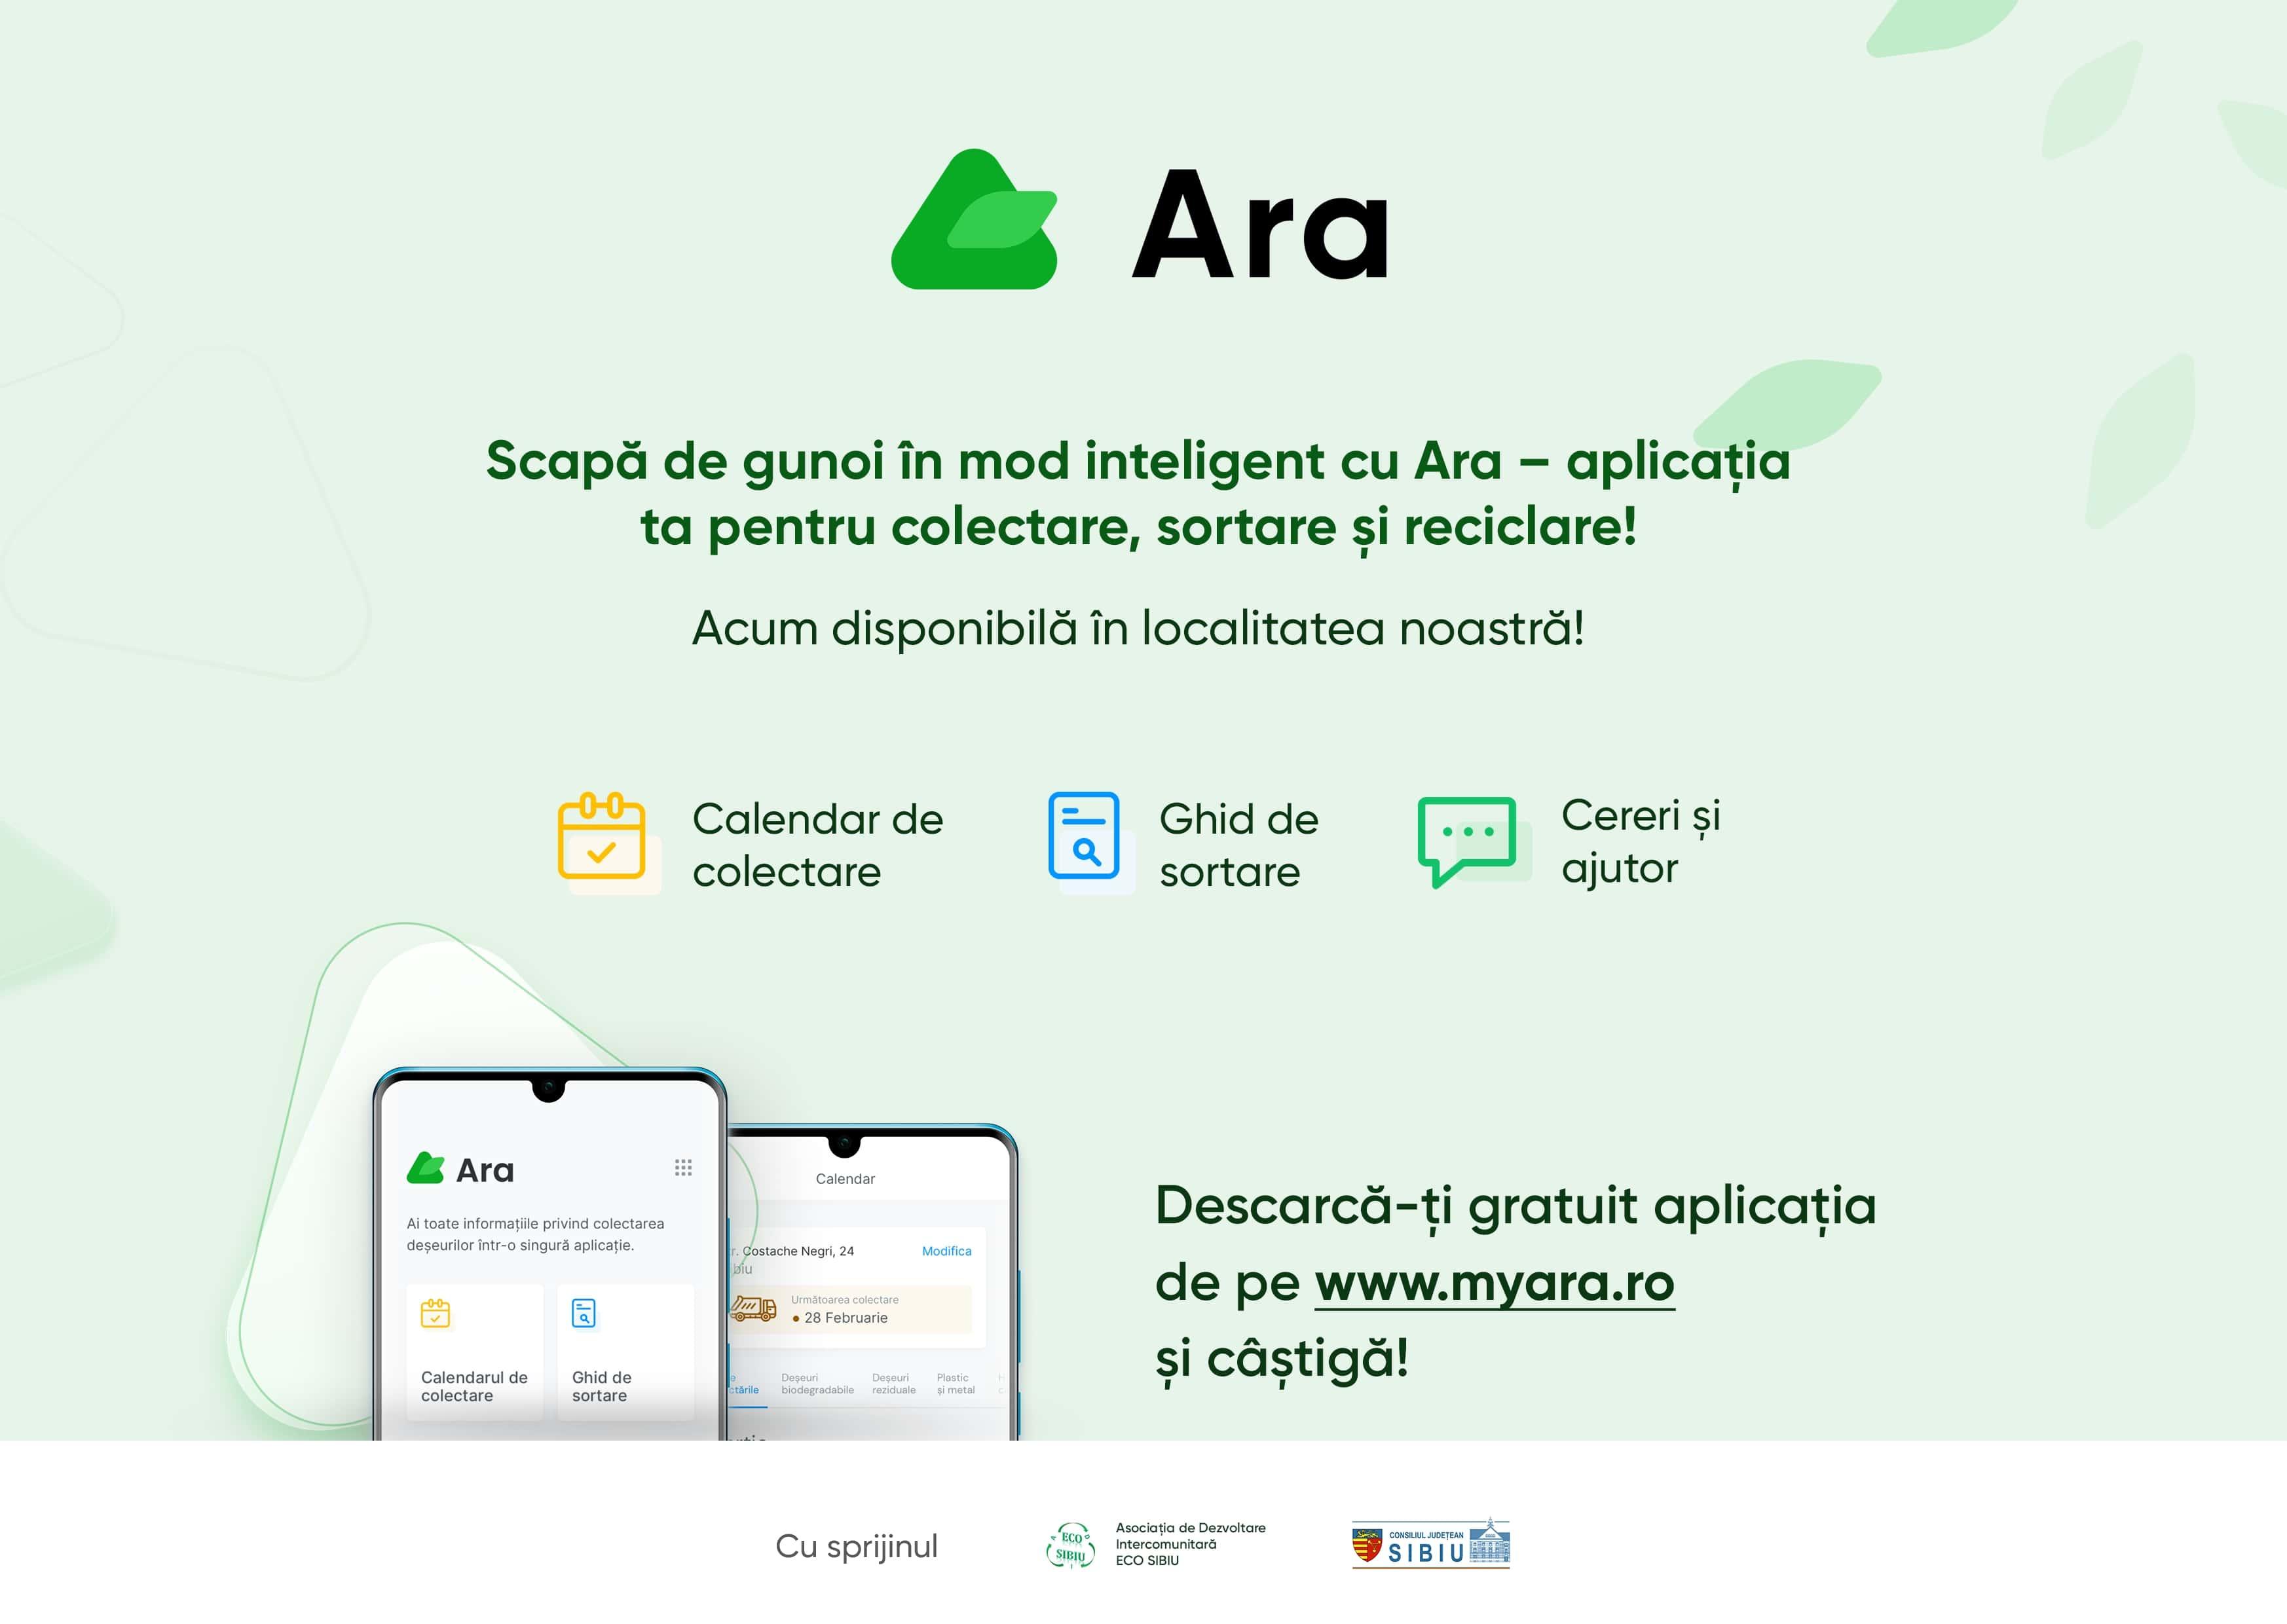 La Sibiu, colectarea deșeurilor devine mai simplă prin intermediul Aplicației Ara